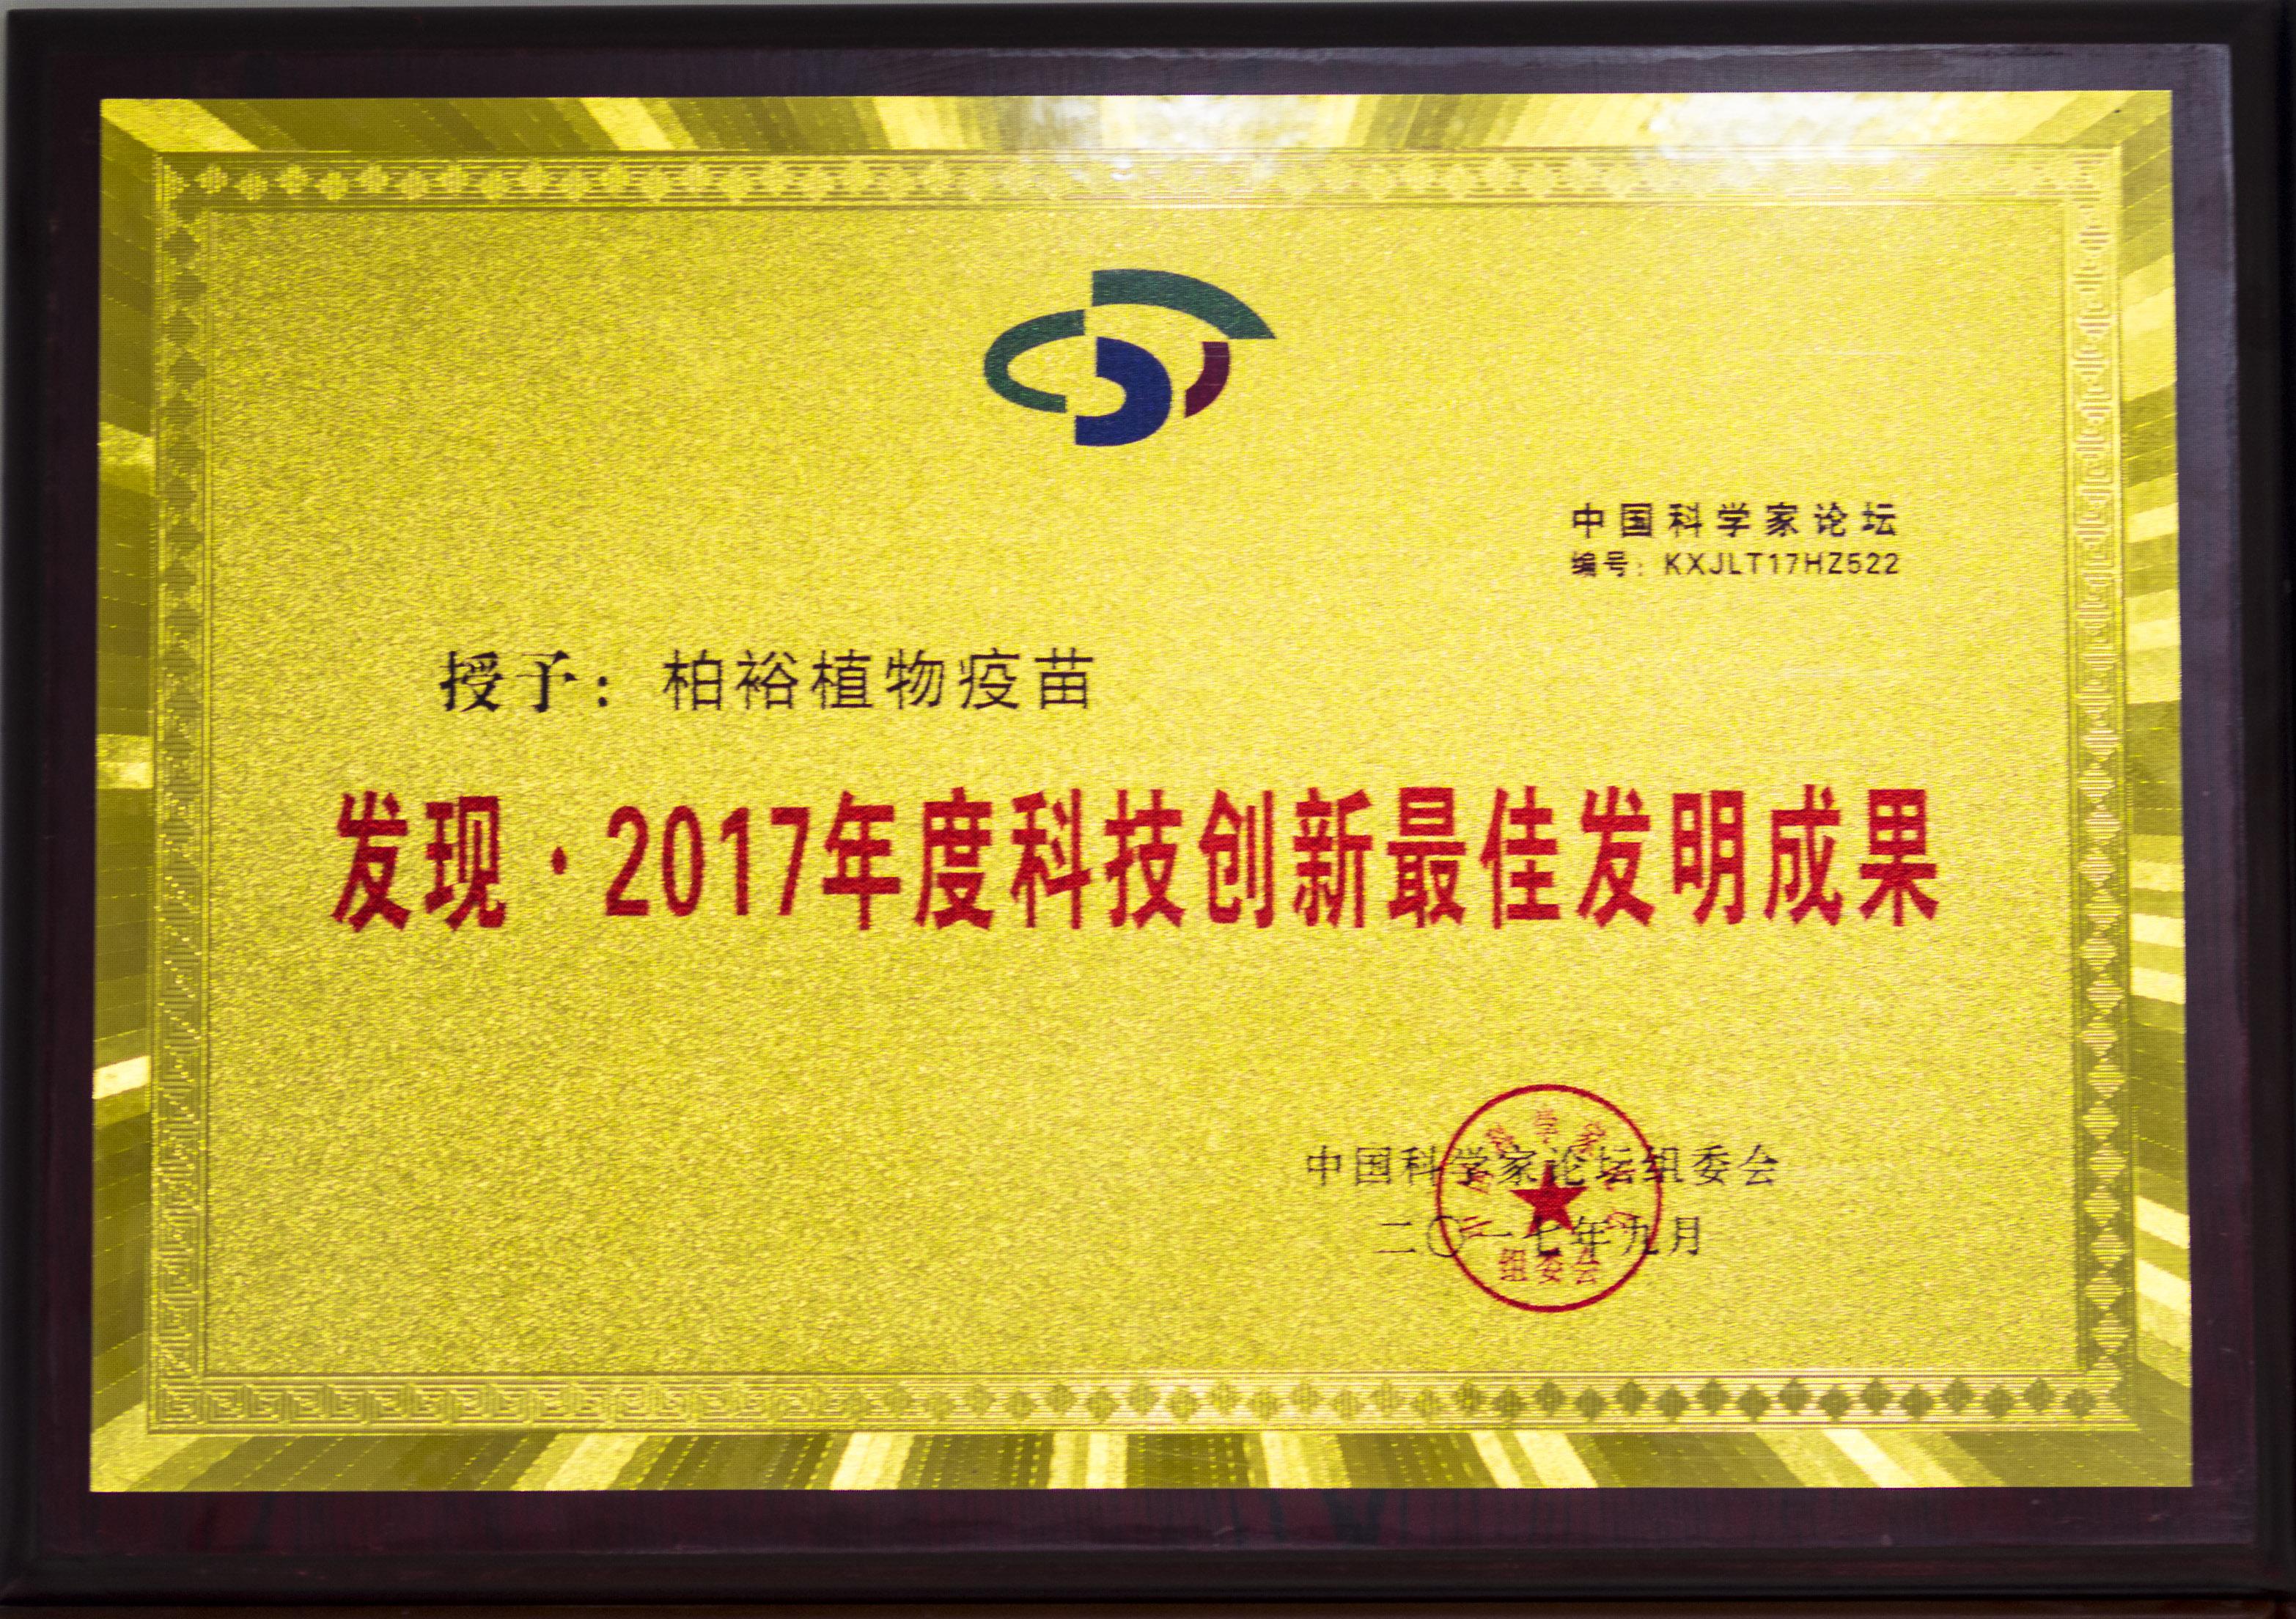 中国科学家论坛植物疫苗最佳发明成果